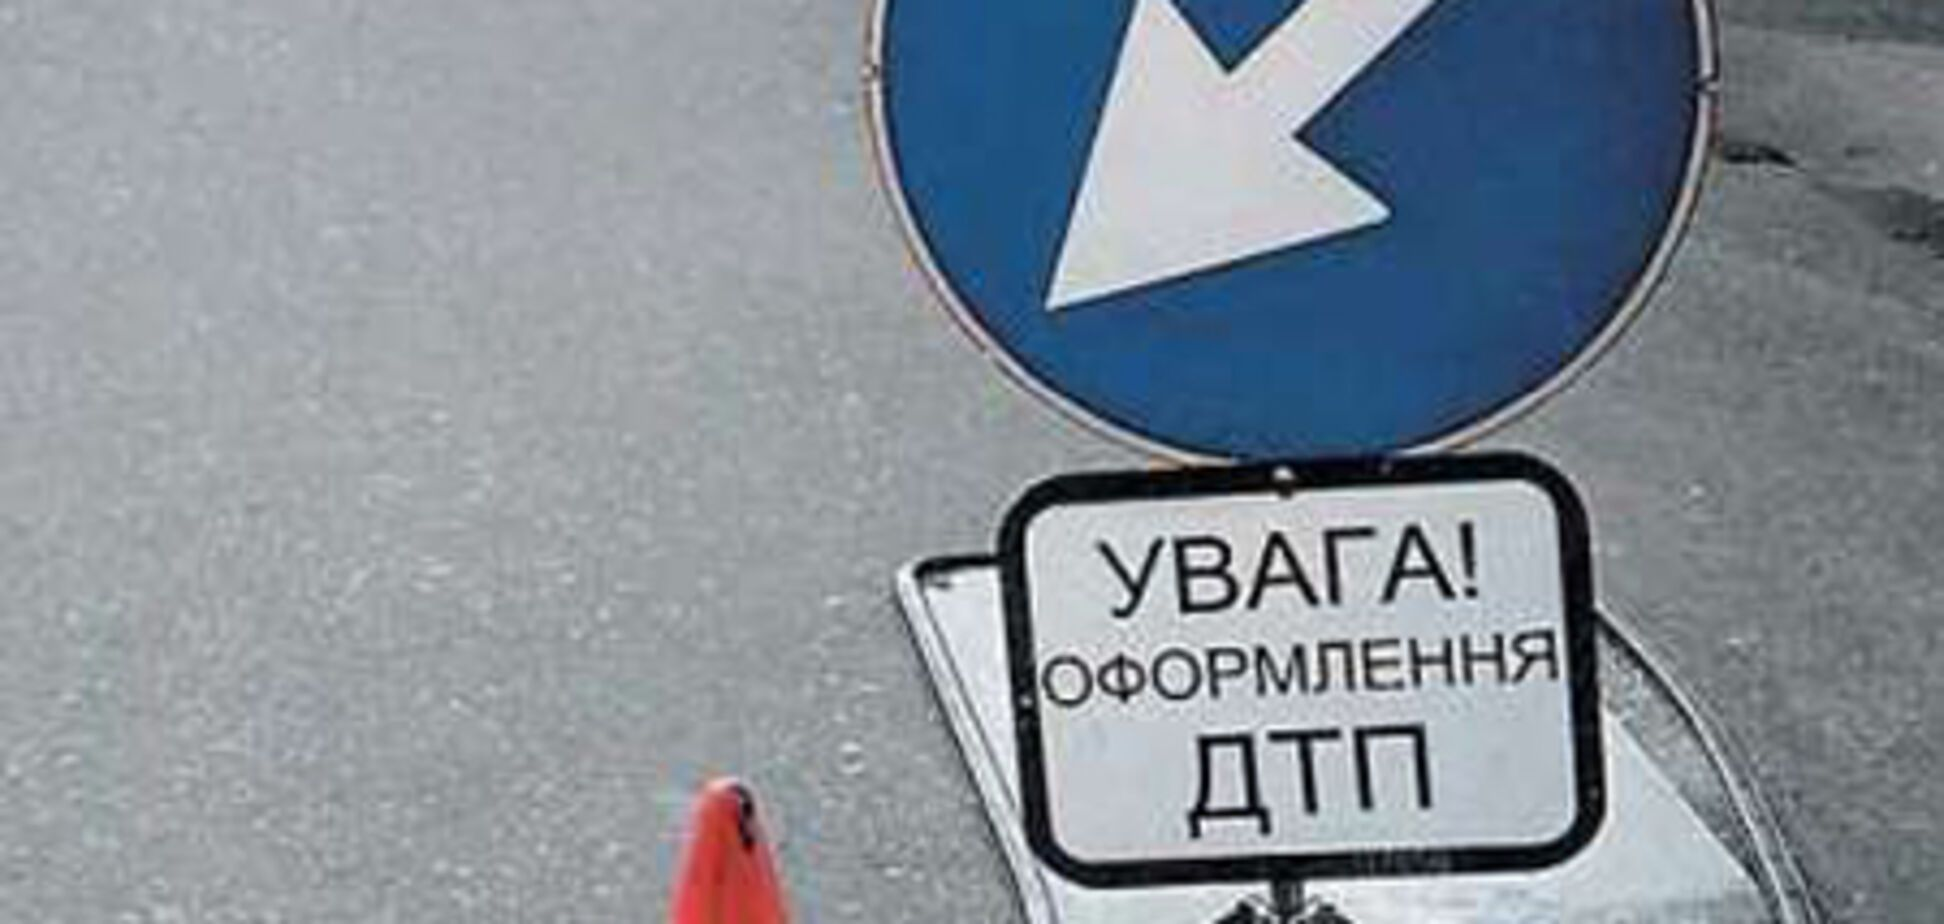 Крупная авария в Киеве: виноват троллейбус